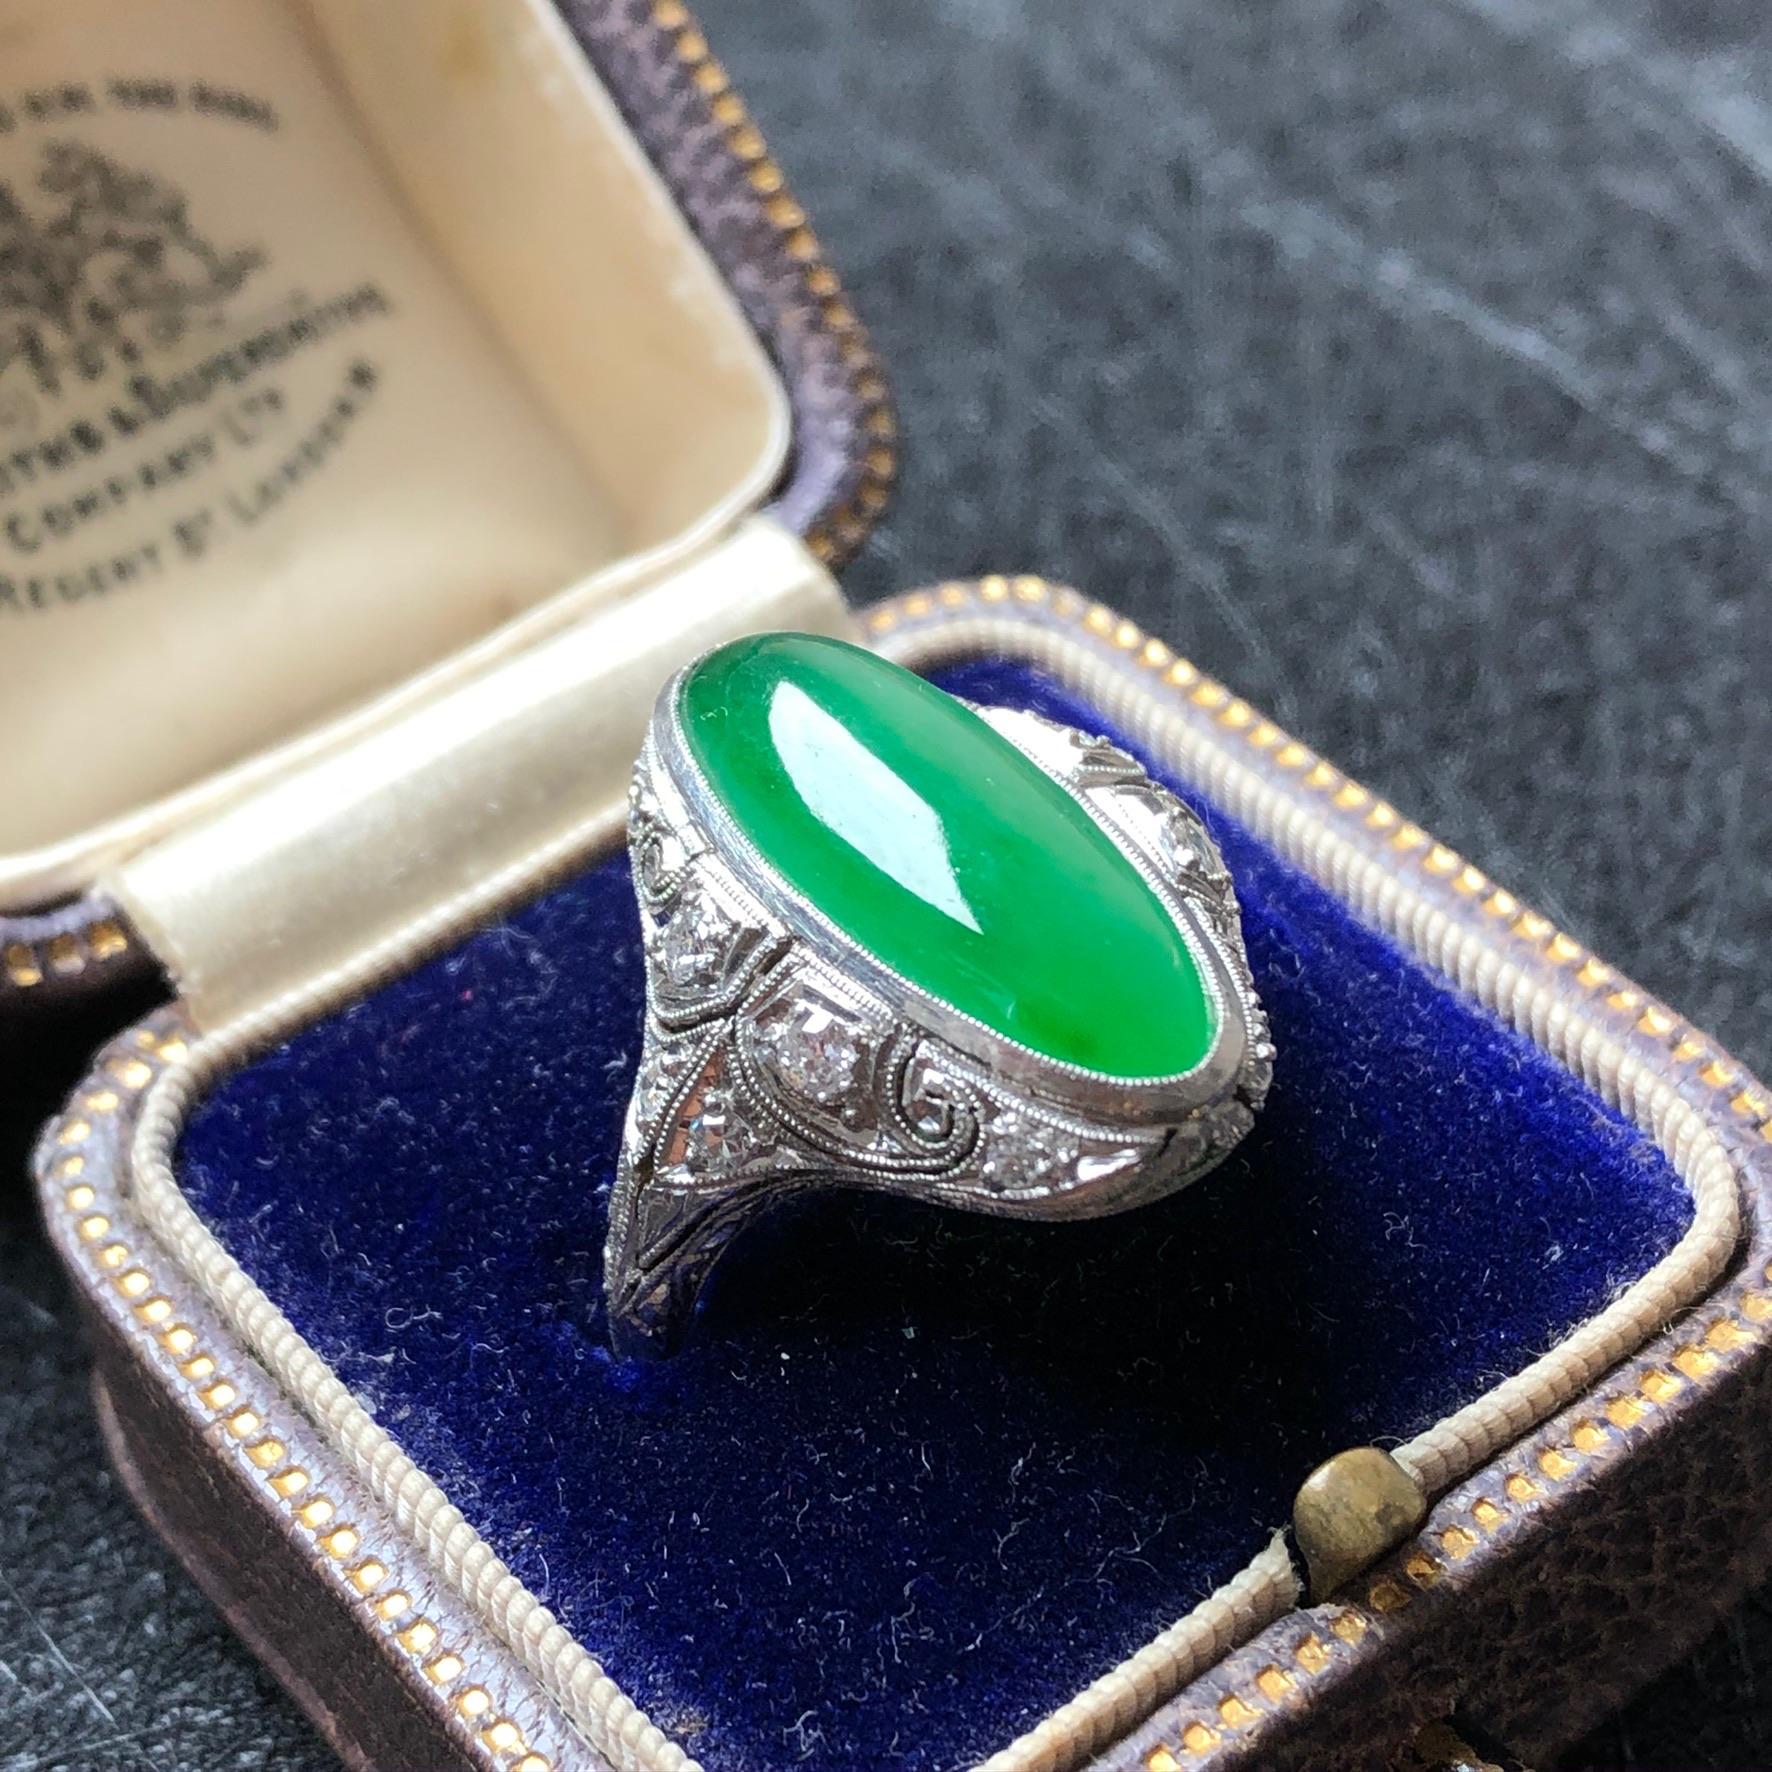 Lot 24 - Art Deco Jadeite Ring, 1920s